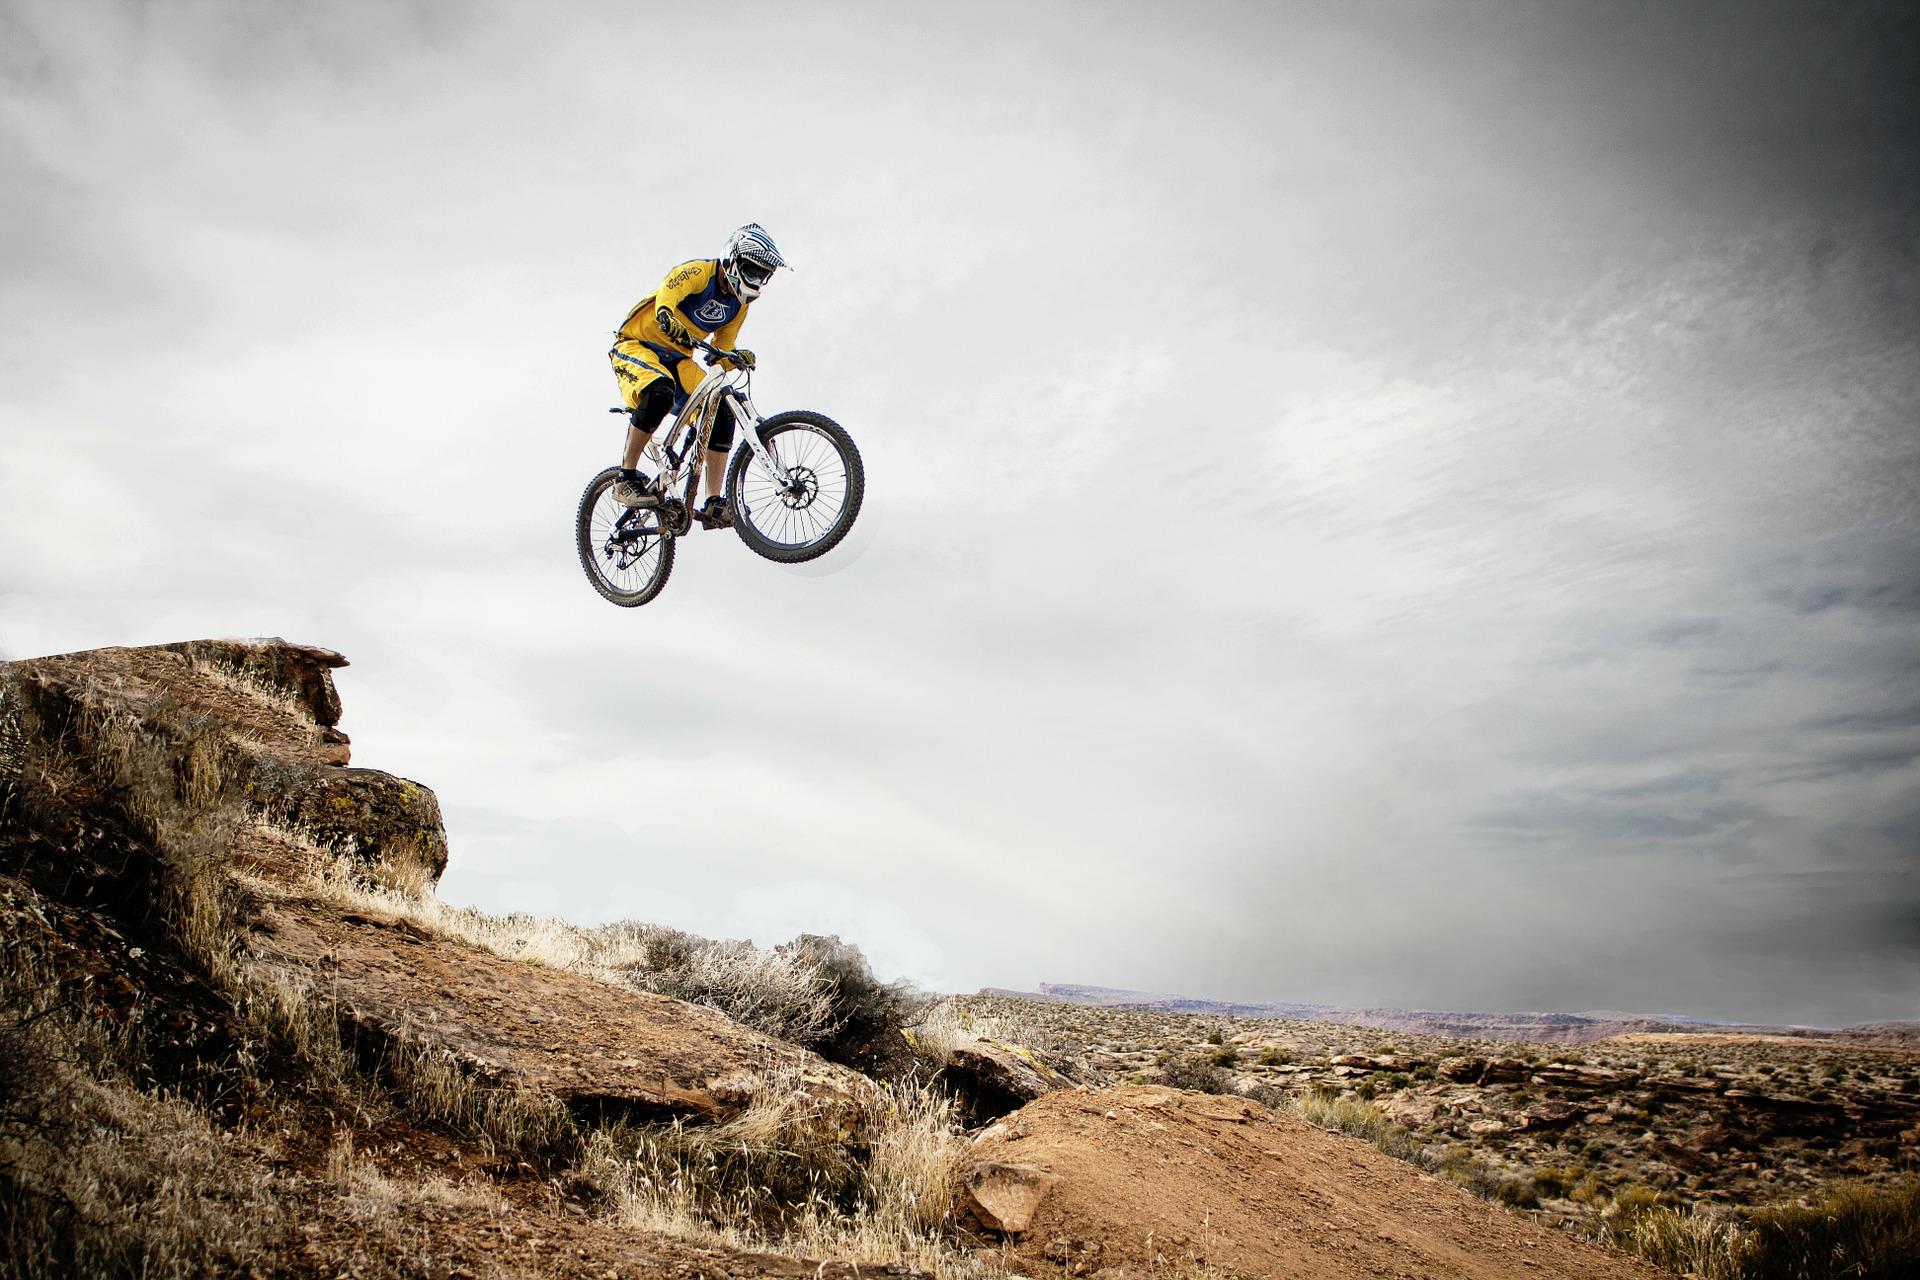 Modalidades de Mountain Bike: Downhill